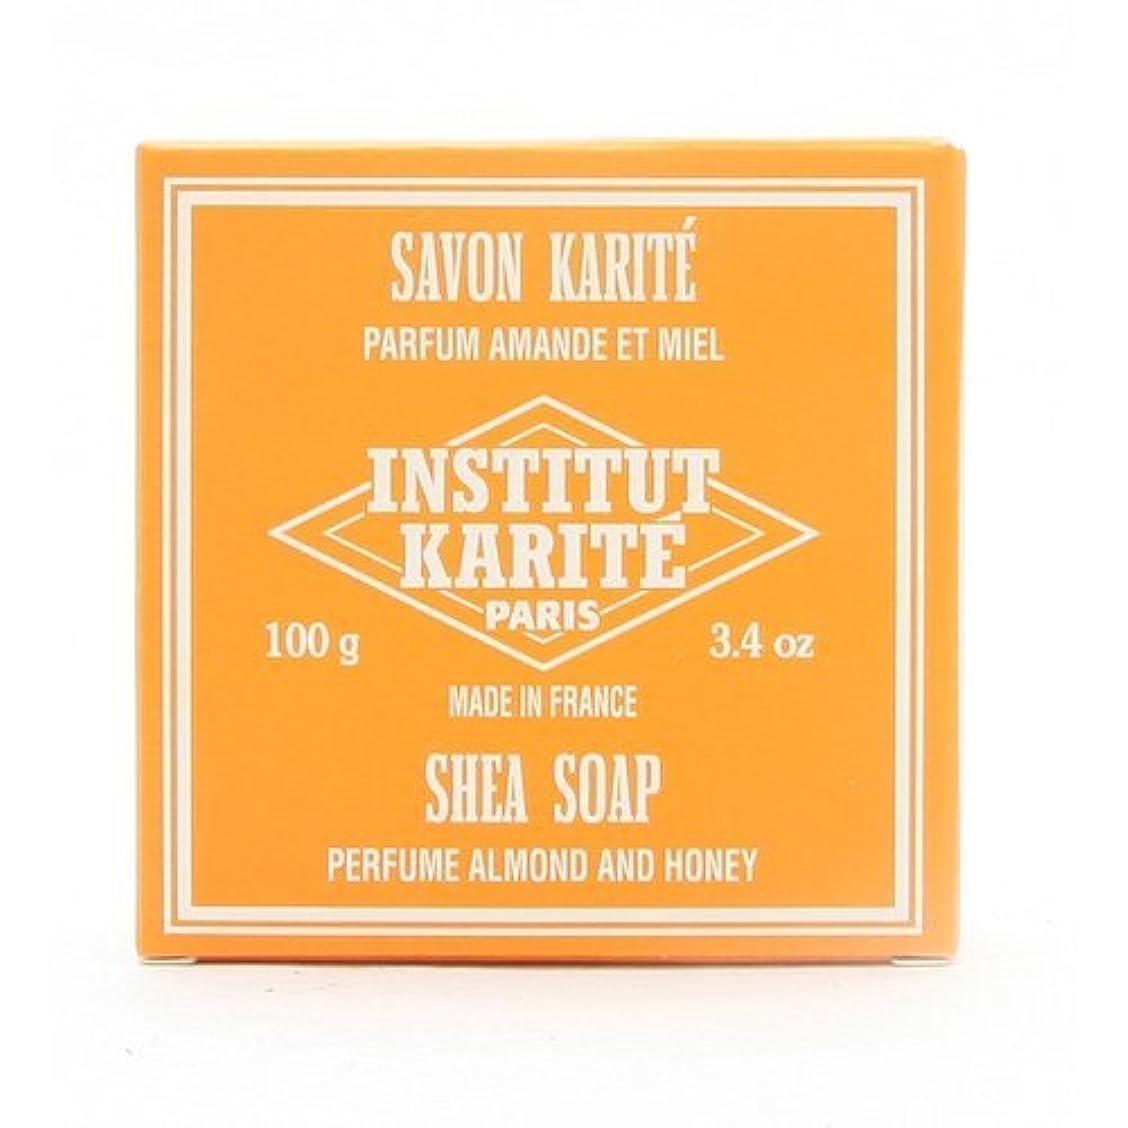 週間磨かれた流行INSTITUT KARITE インスティテュート カリテ 25% Extra Gentle Soap ジェントルソープ 100g Almond Honey アーモンドハニー